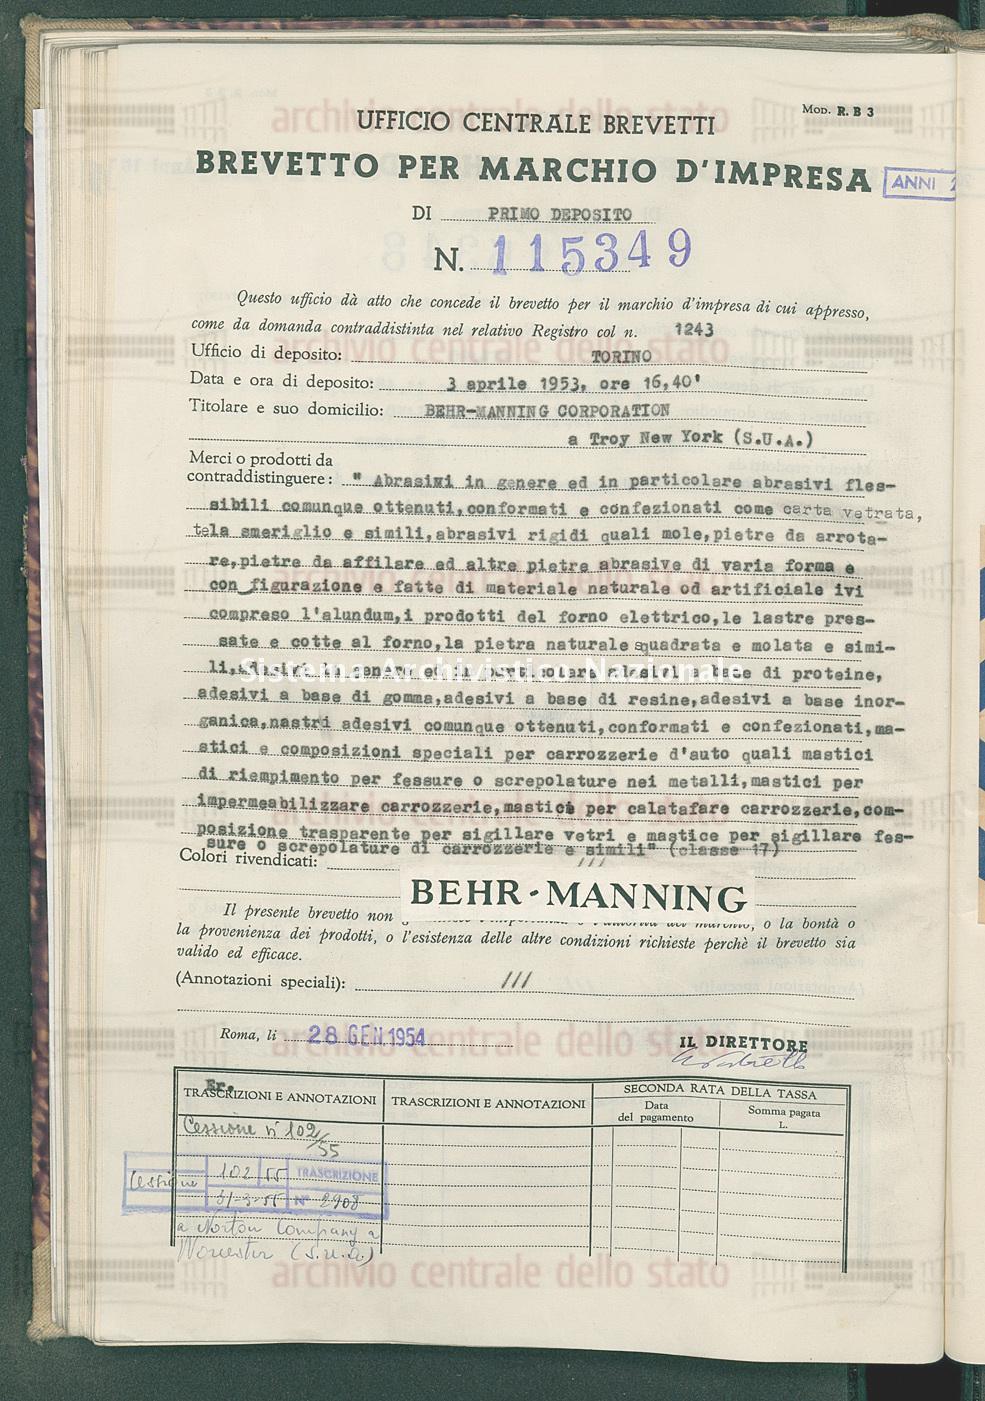 'Abrasivi in genere ed in particolare abrasivi flessibili comunque Behr-Manning Corporation (28/01/1954)